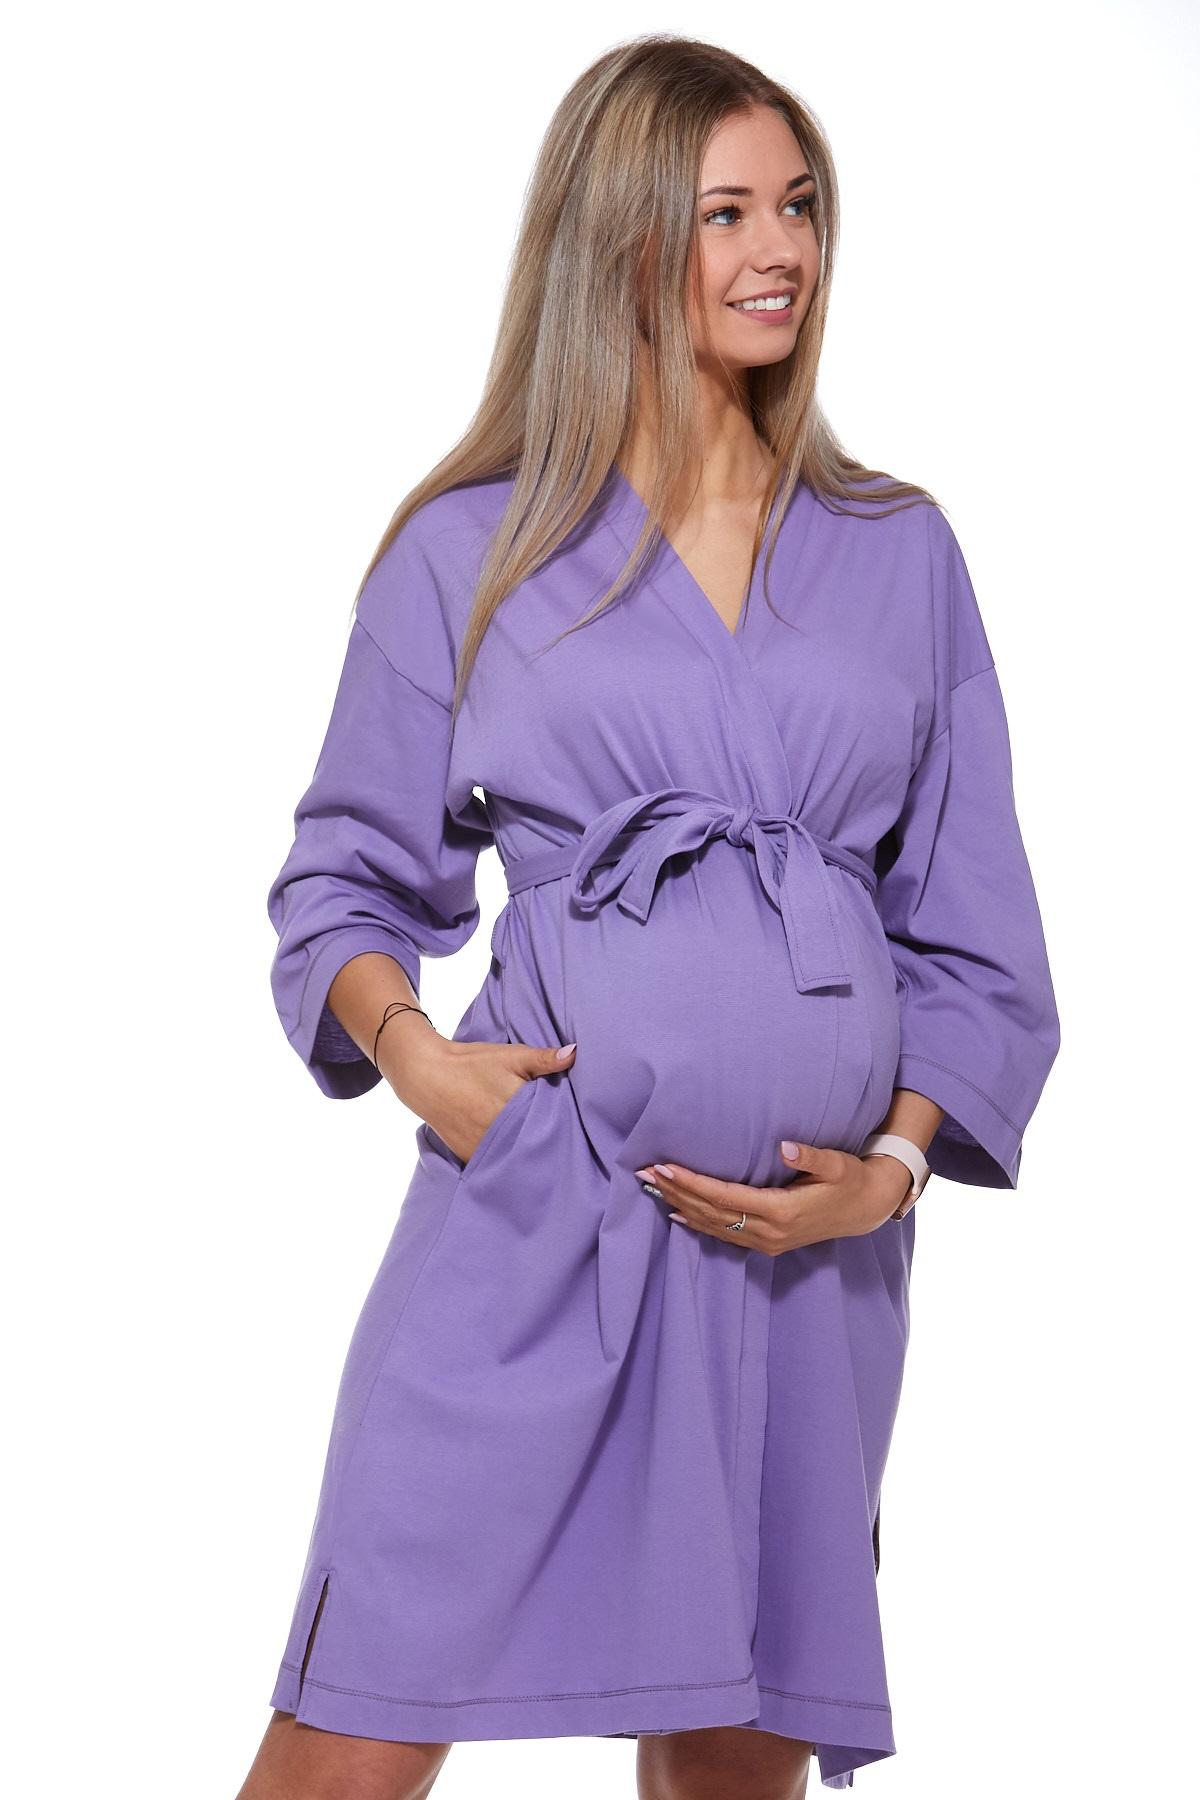 Župan těhotenský exkluziv 1E8260